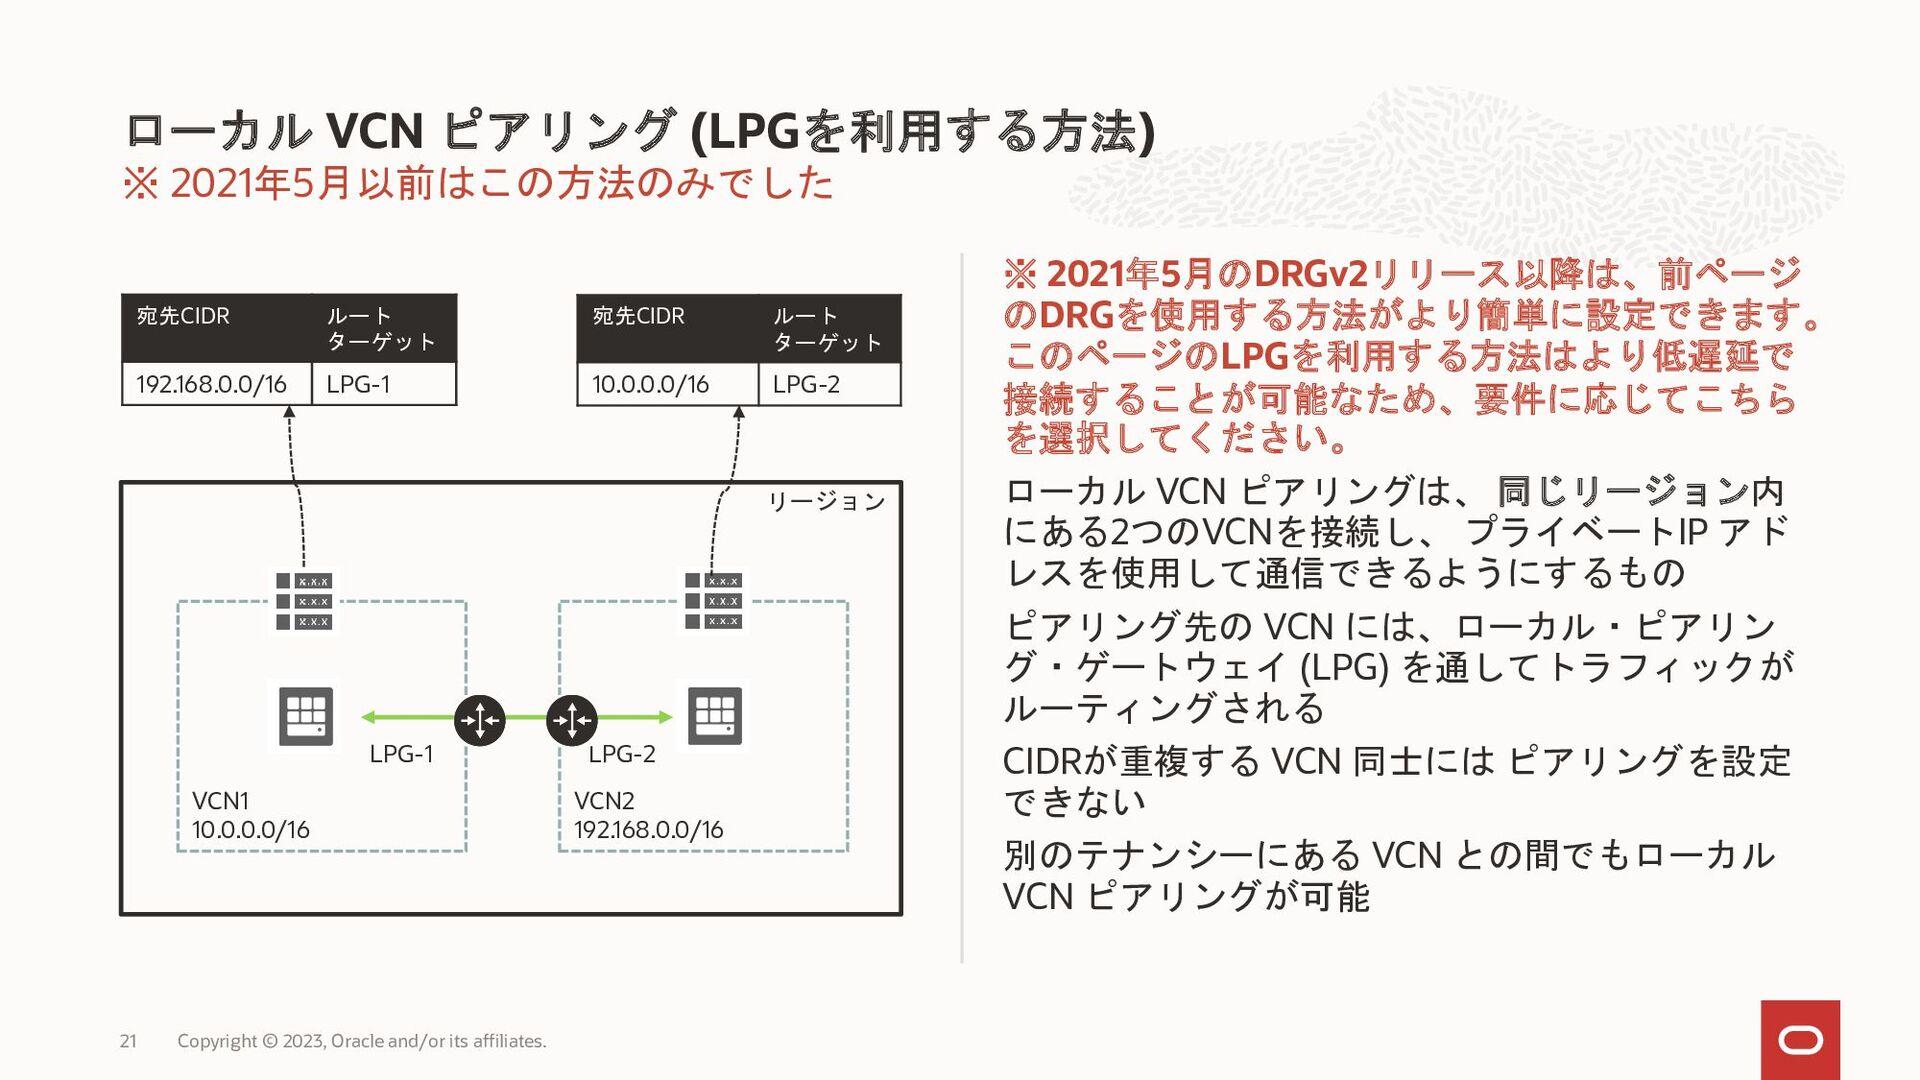 ※ 2021 5 DRG (DRG) VCN DRG VCN LPG 1 DRG VCN CI...